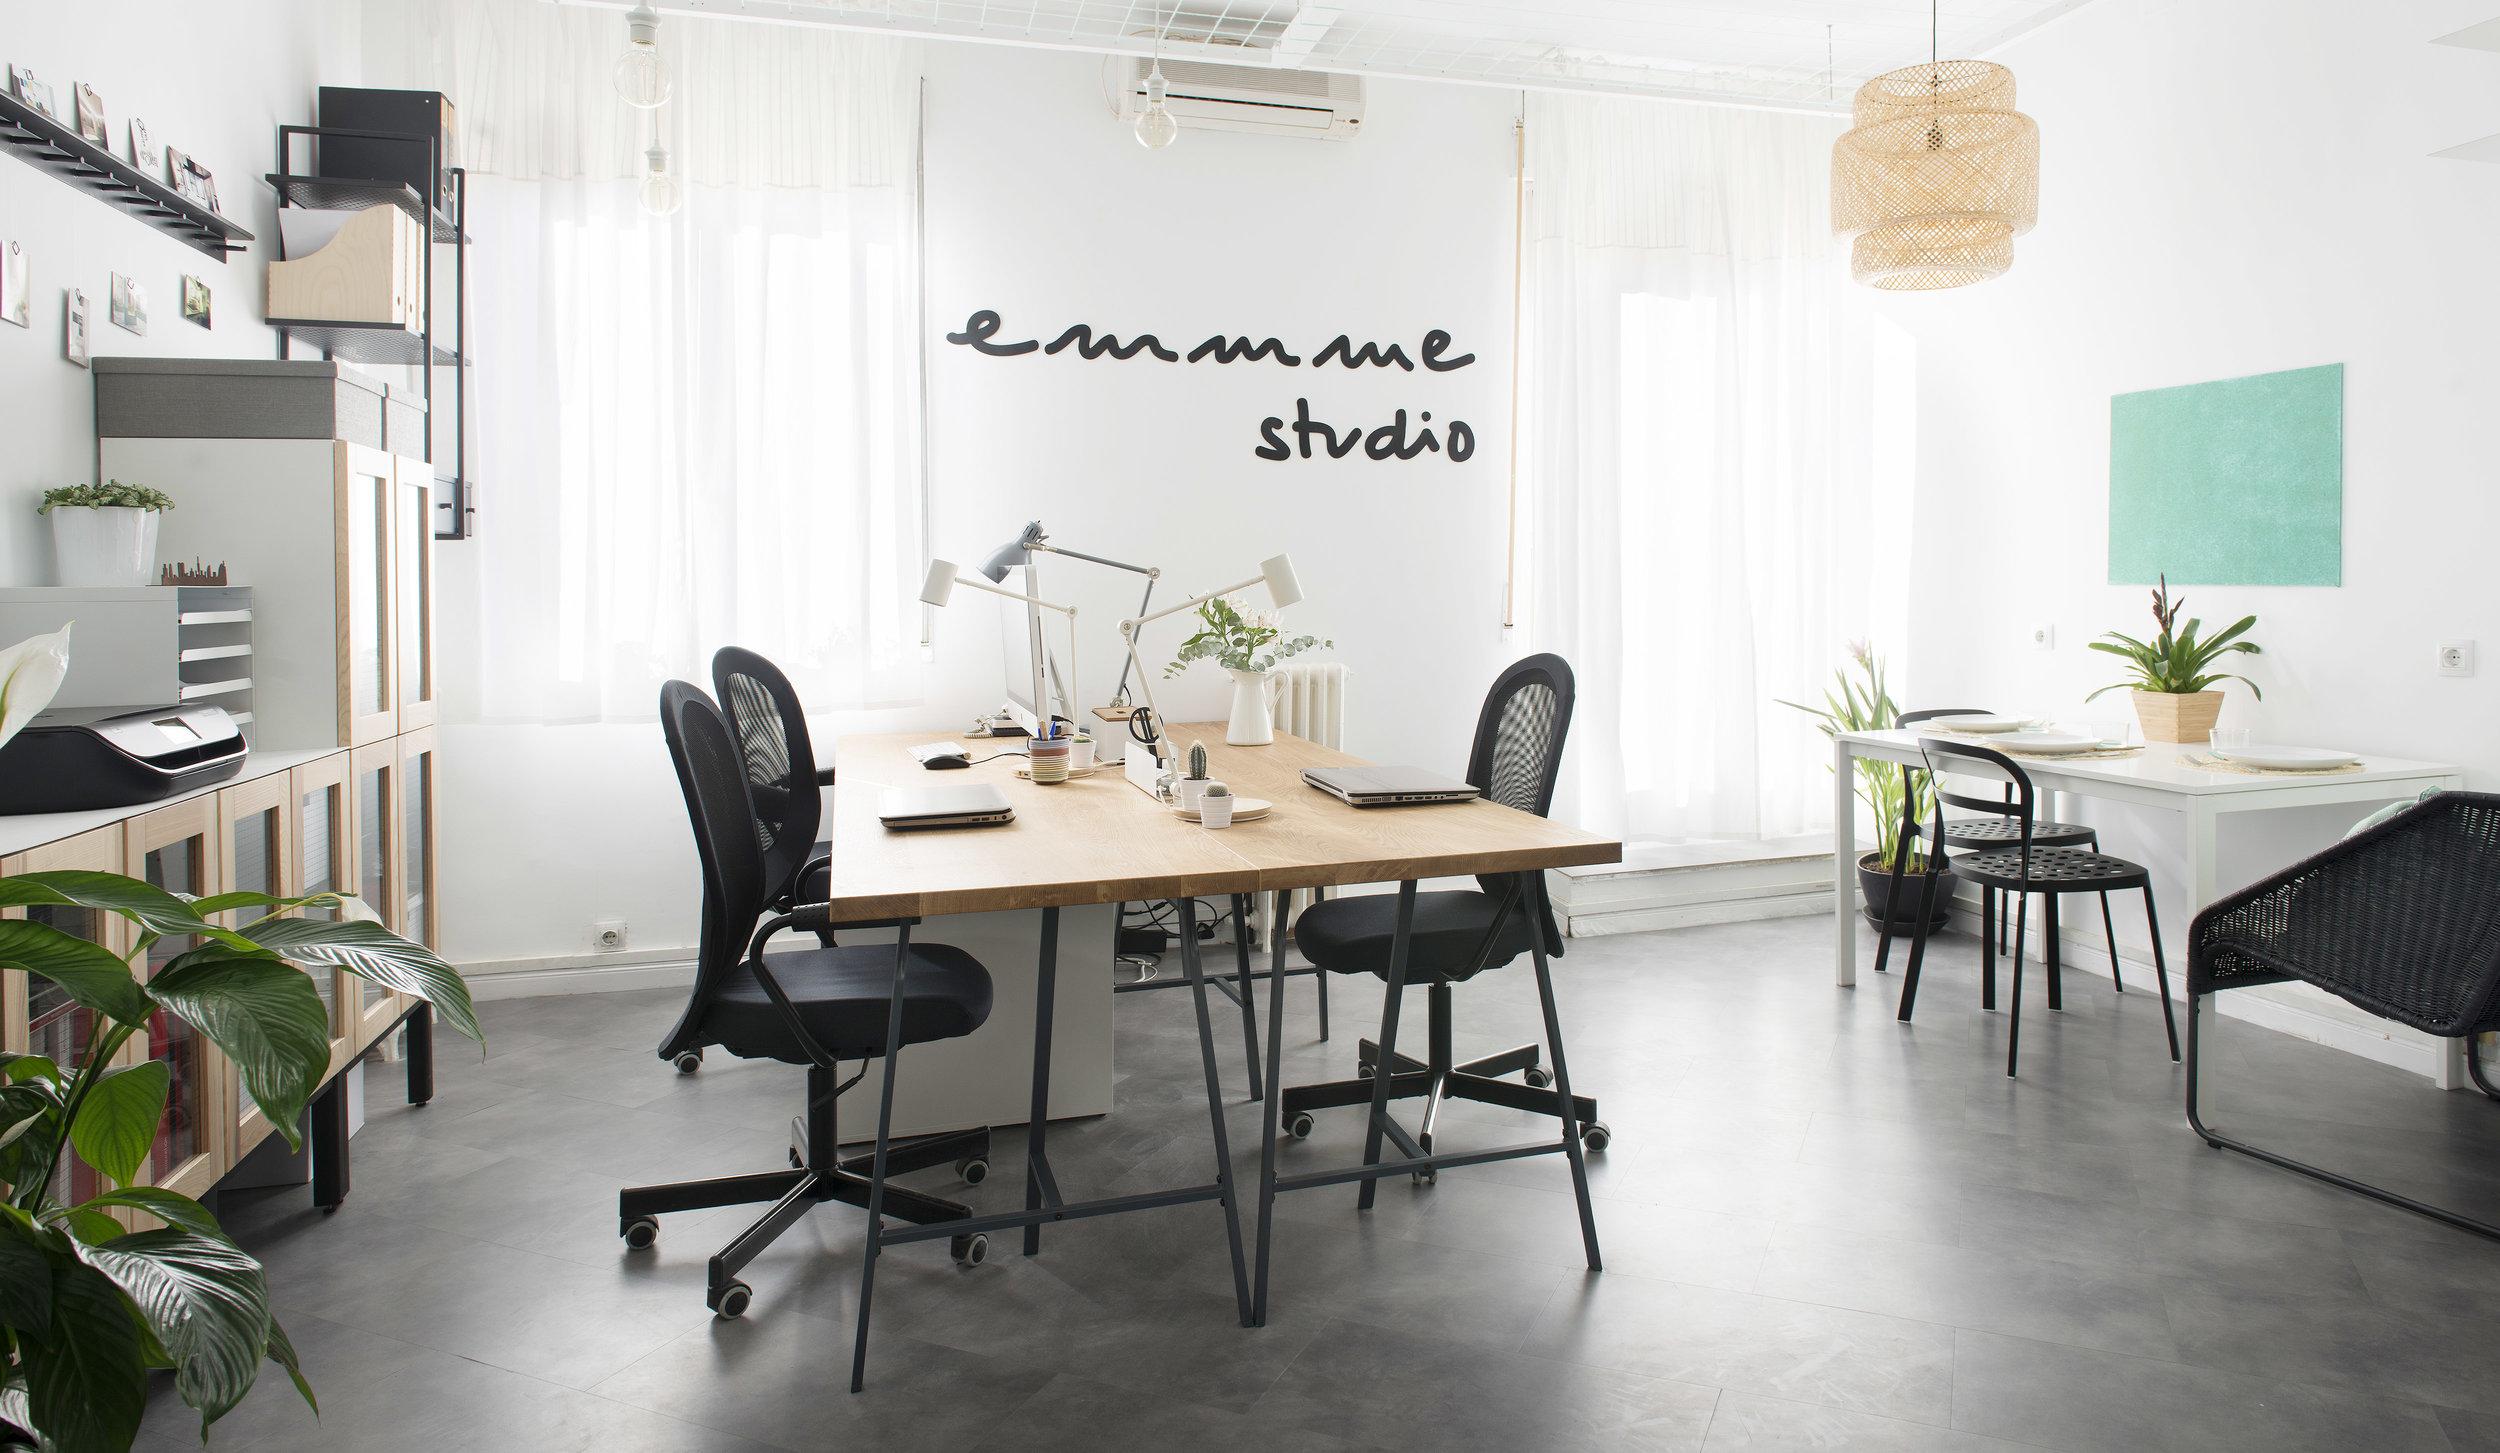 emmme studio_Slow Homeoffice_general.jpg